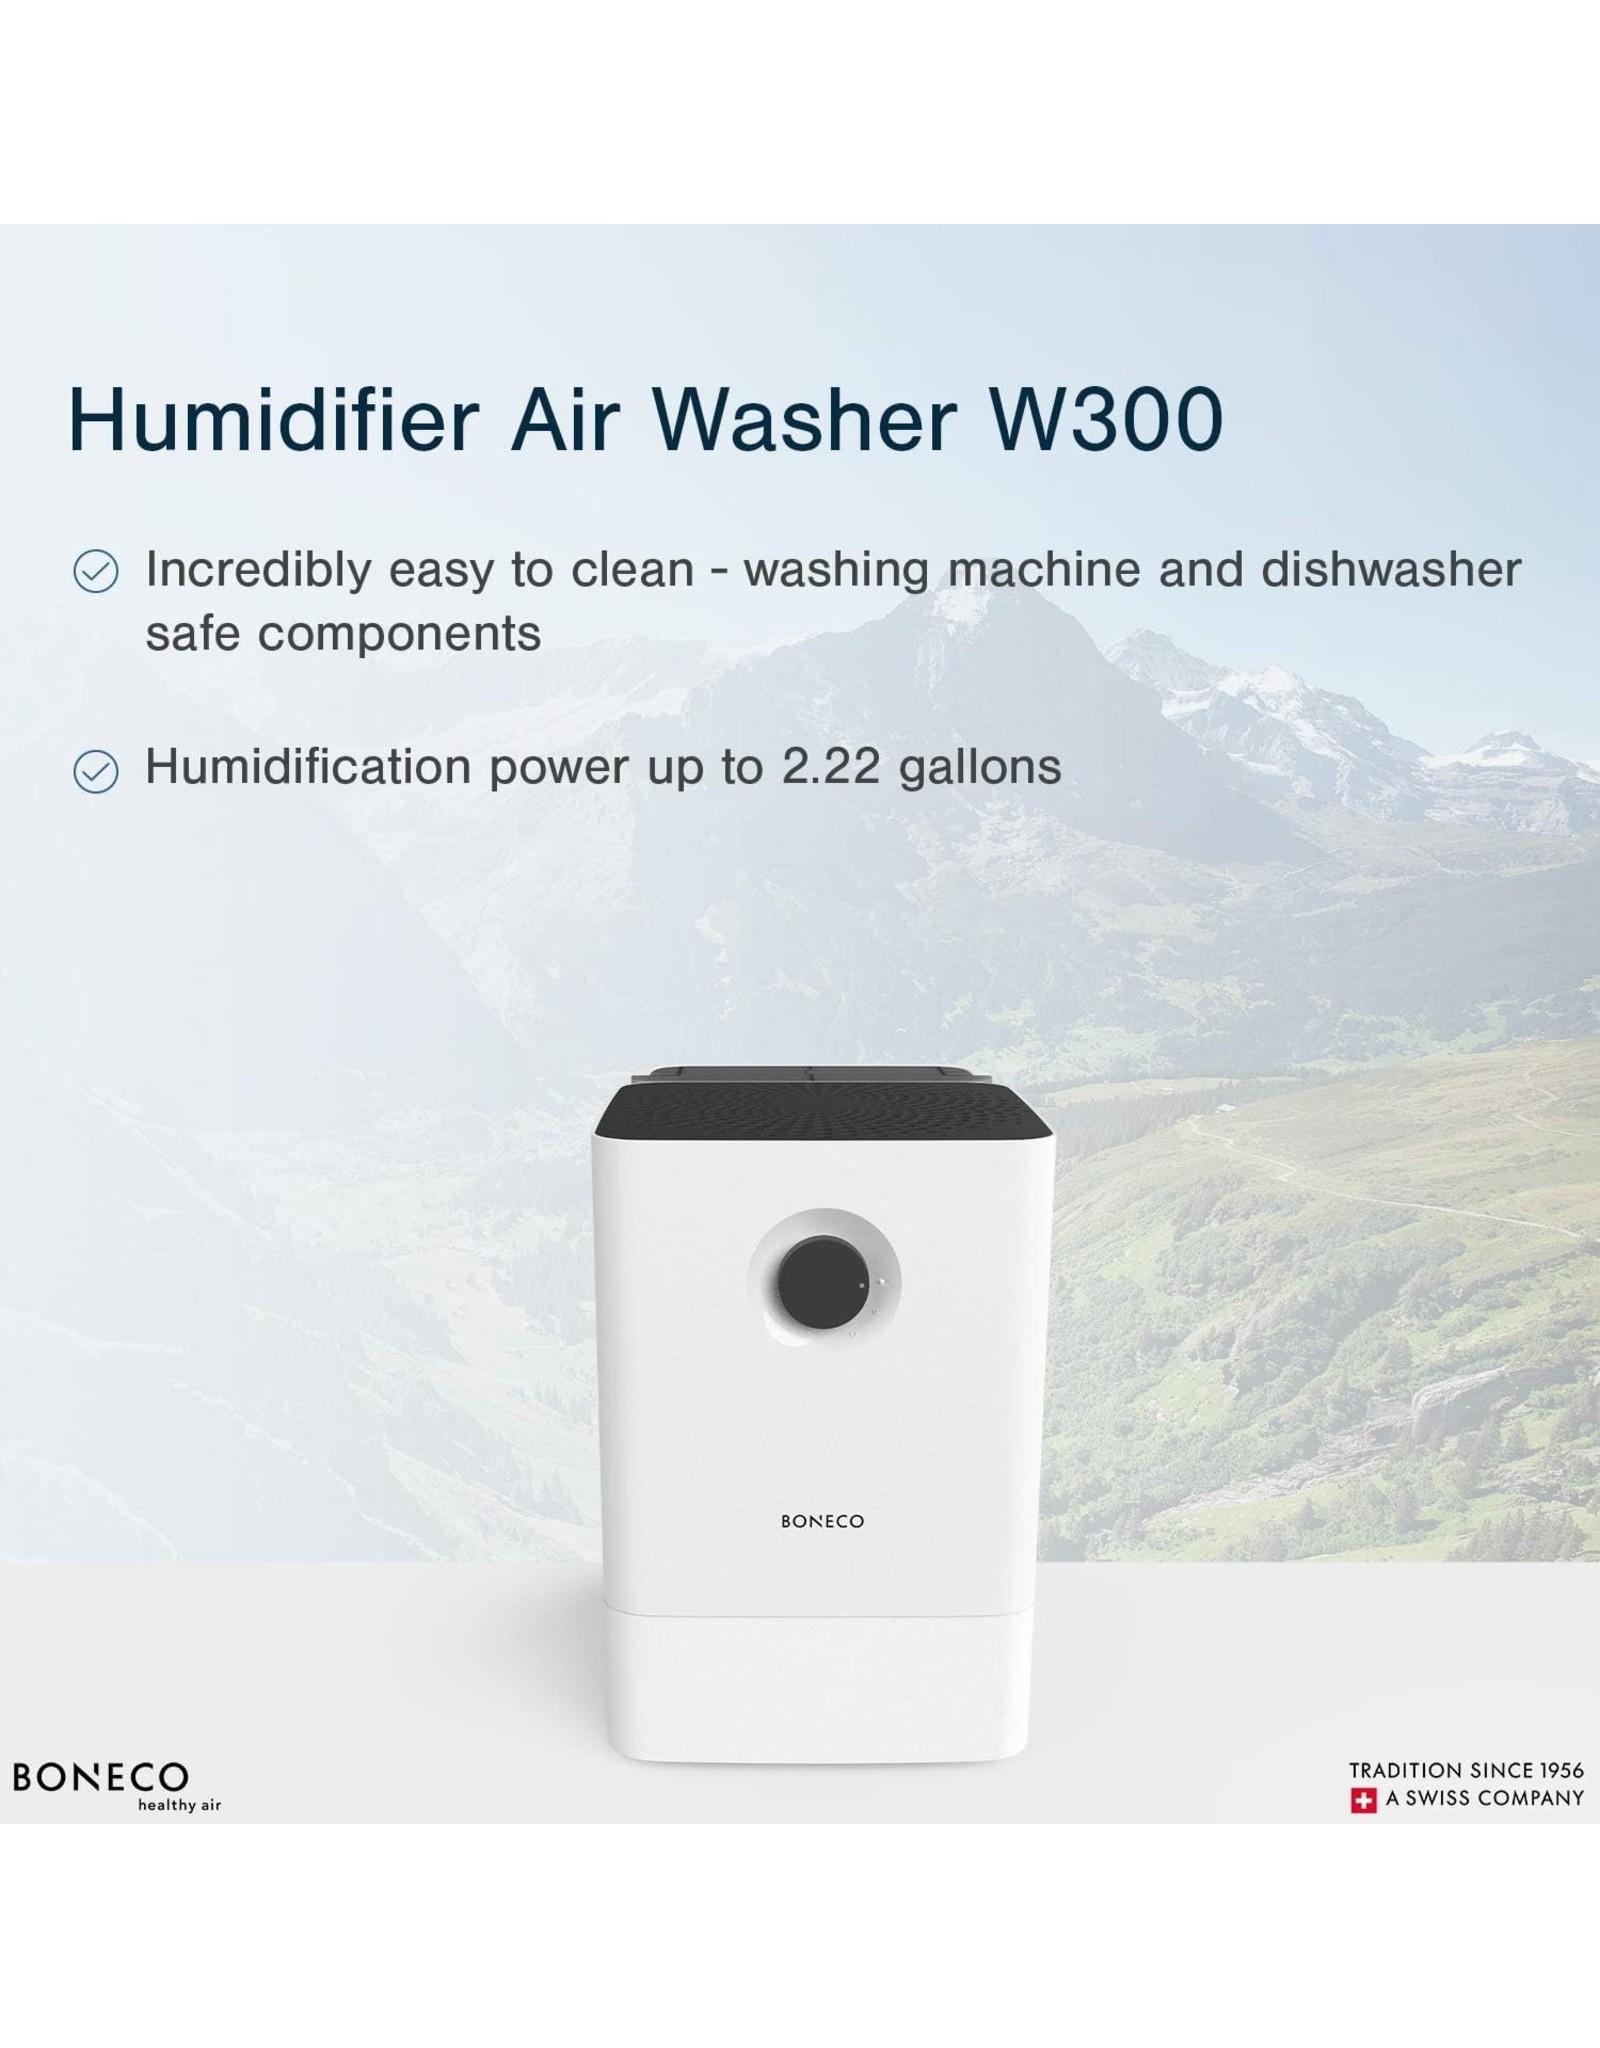 BONECO BONECO - Humidifier Air Washer W300